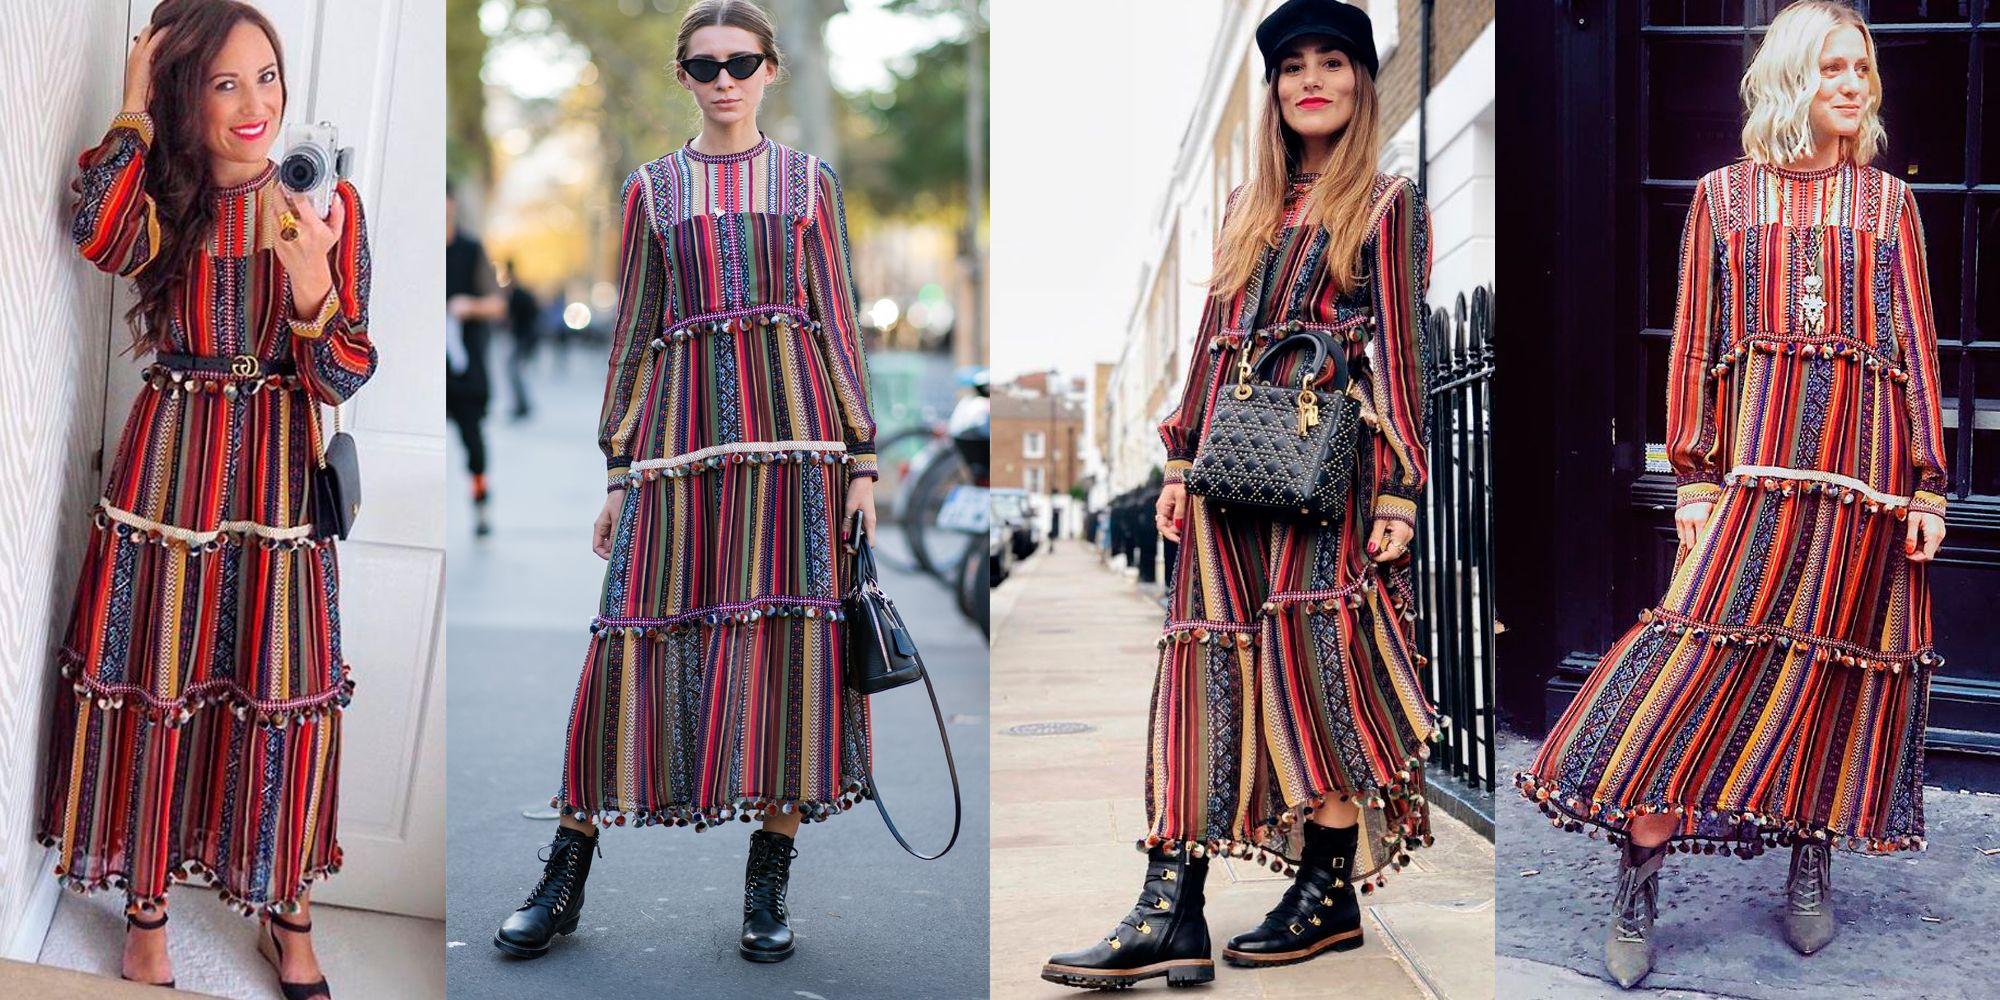 7efacd6e6 Este vestido de Zara se ha convertido en el favorito de Instagram  (Lovelypepa incluida)